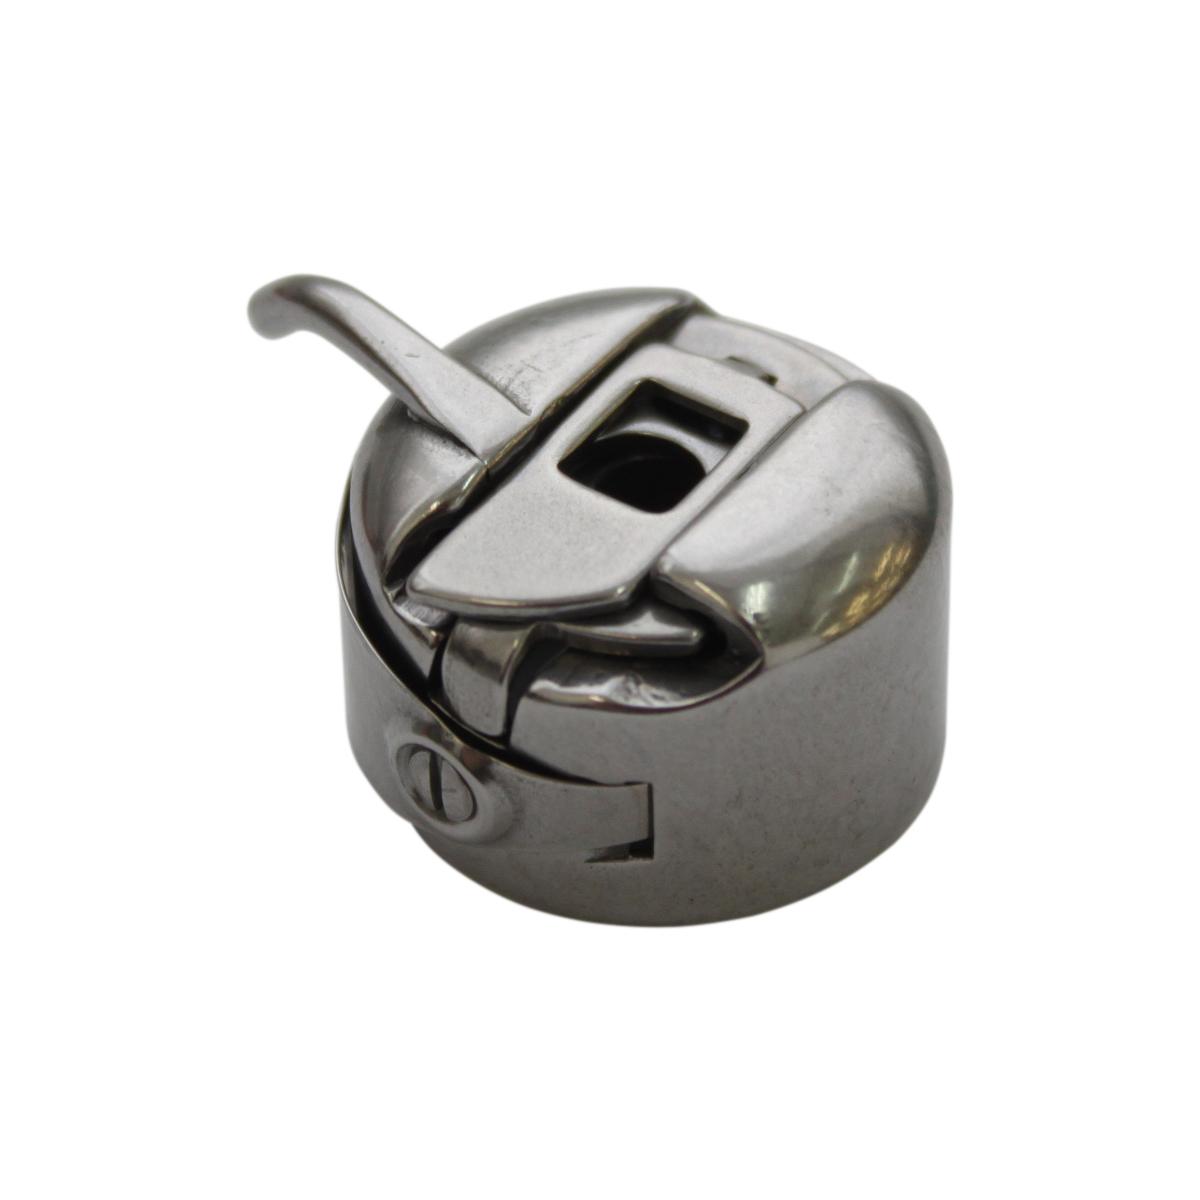 Шпульный колпачок Bestex SINGER, правоходный к БШМFC8066/01Шпульный колпачок Bestex SINGER изготовлен для классического челнока, правоходный. Шпульный колпачок для бытовых швейных машин.